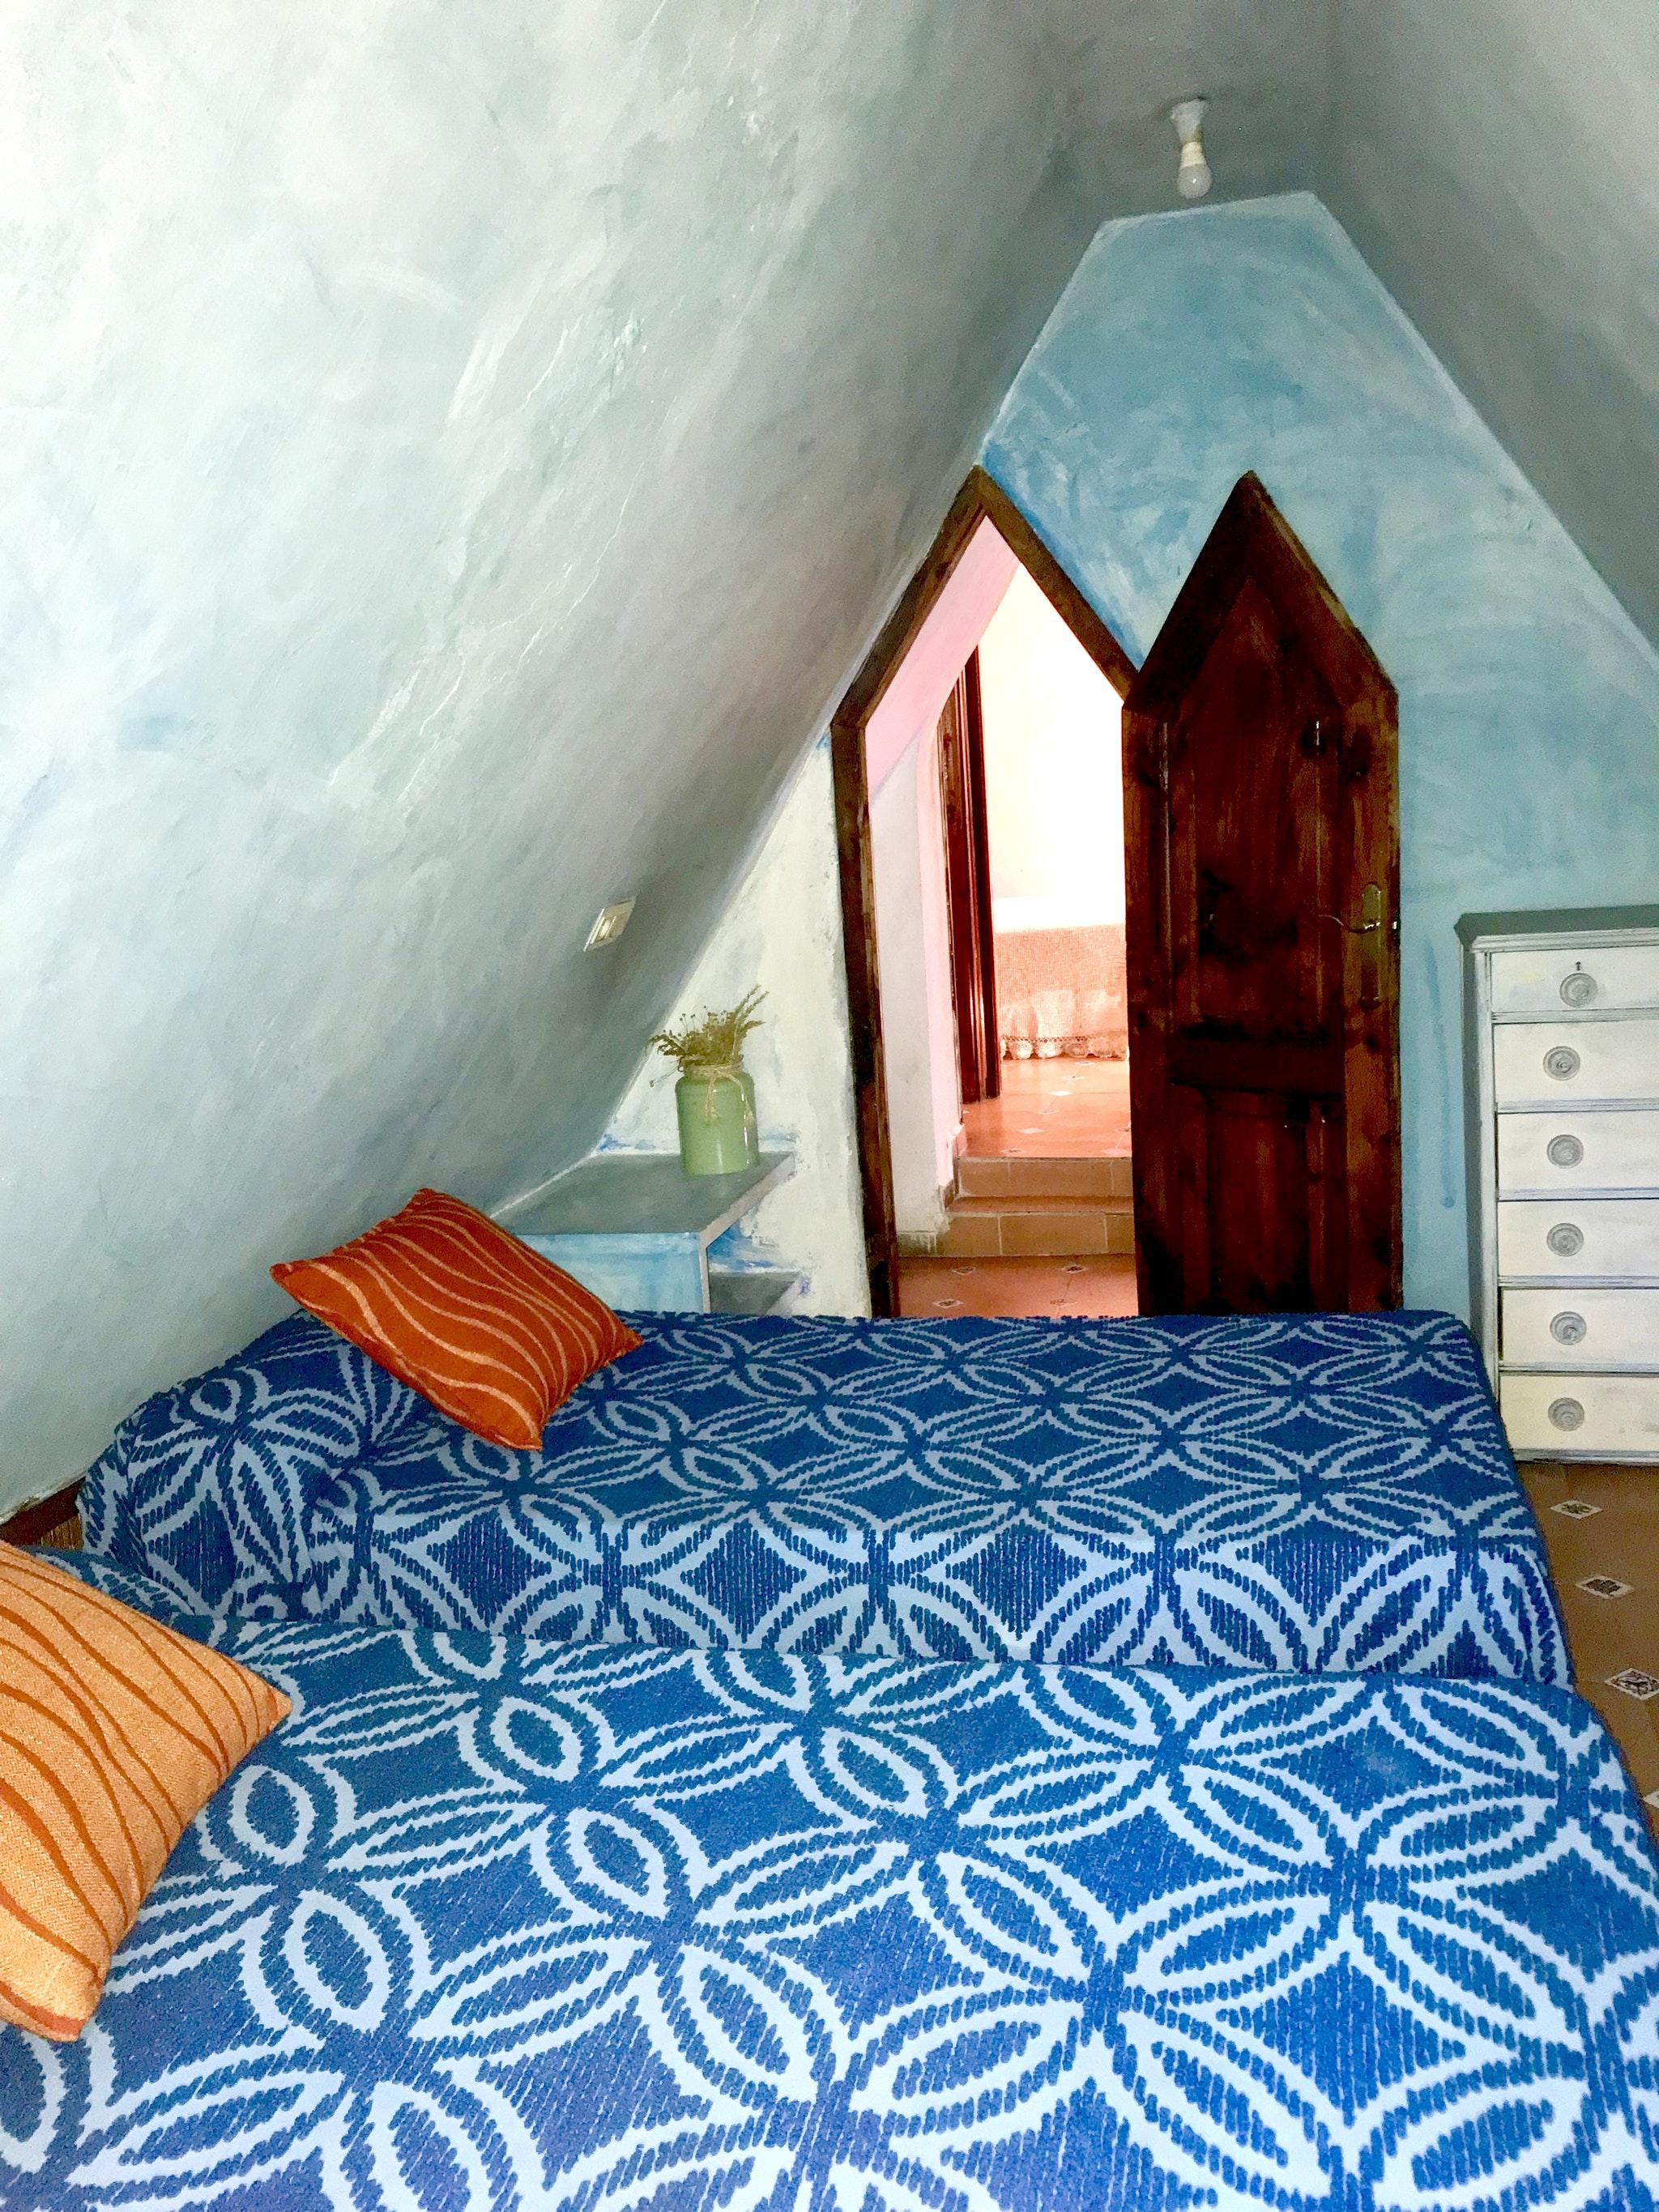 Maison de vacances Hütte mit 4 Schlafzimmern in Camarena de la Sierra mit toller Aussicht auf die Berge, priv (2474258), Camarena de la Sierra, Teruel, Aragon, Espagne, image 5